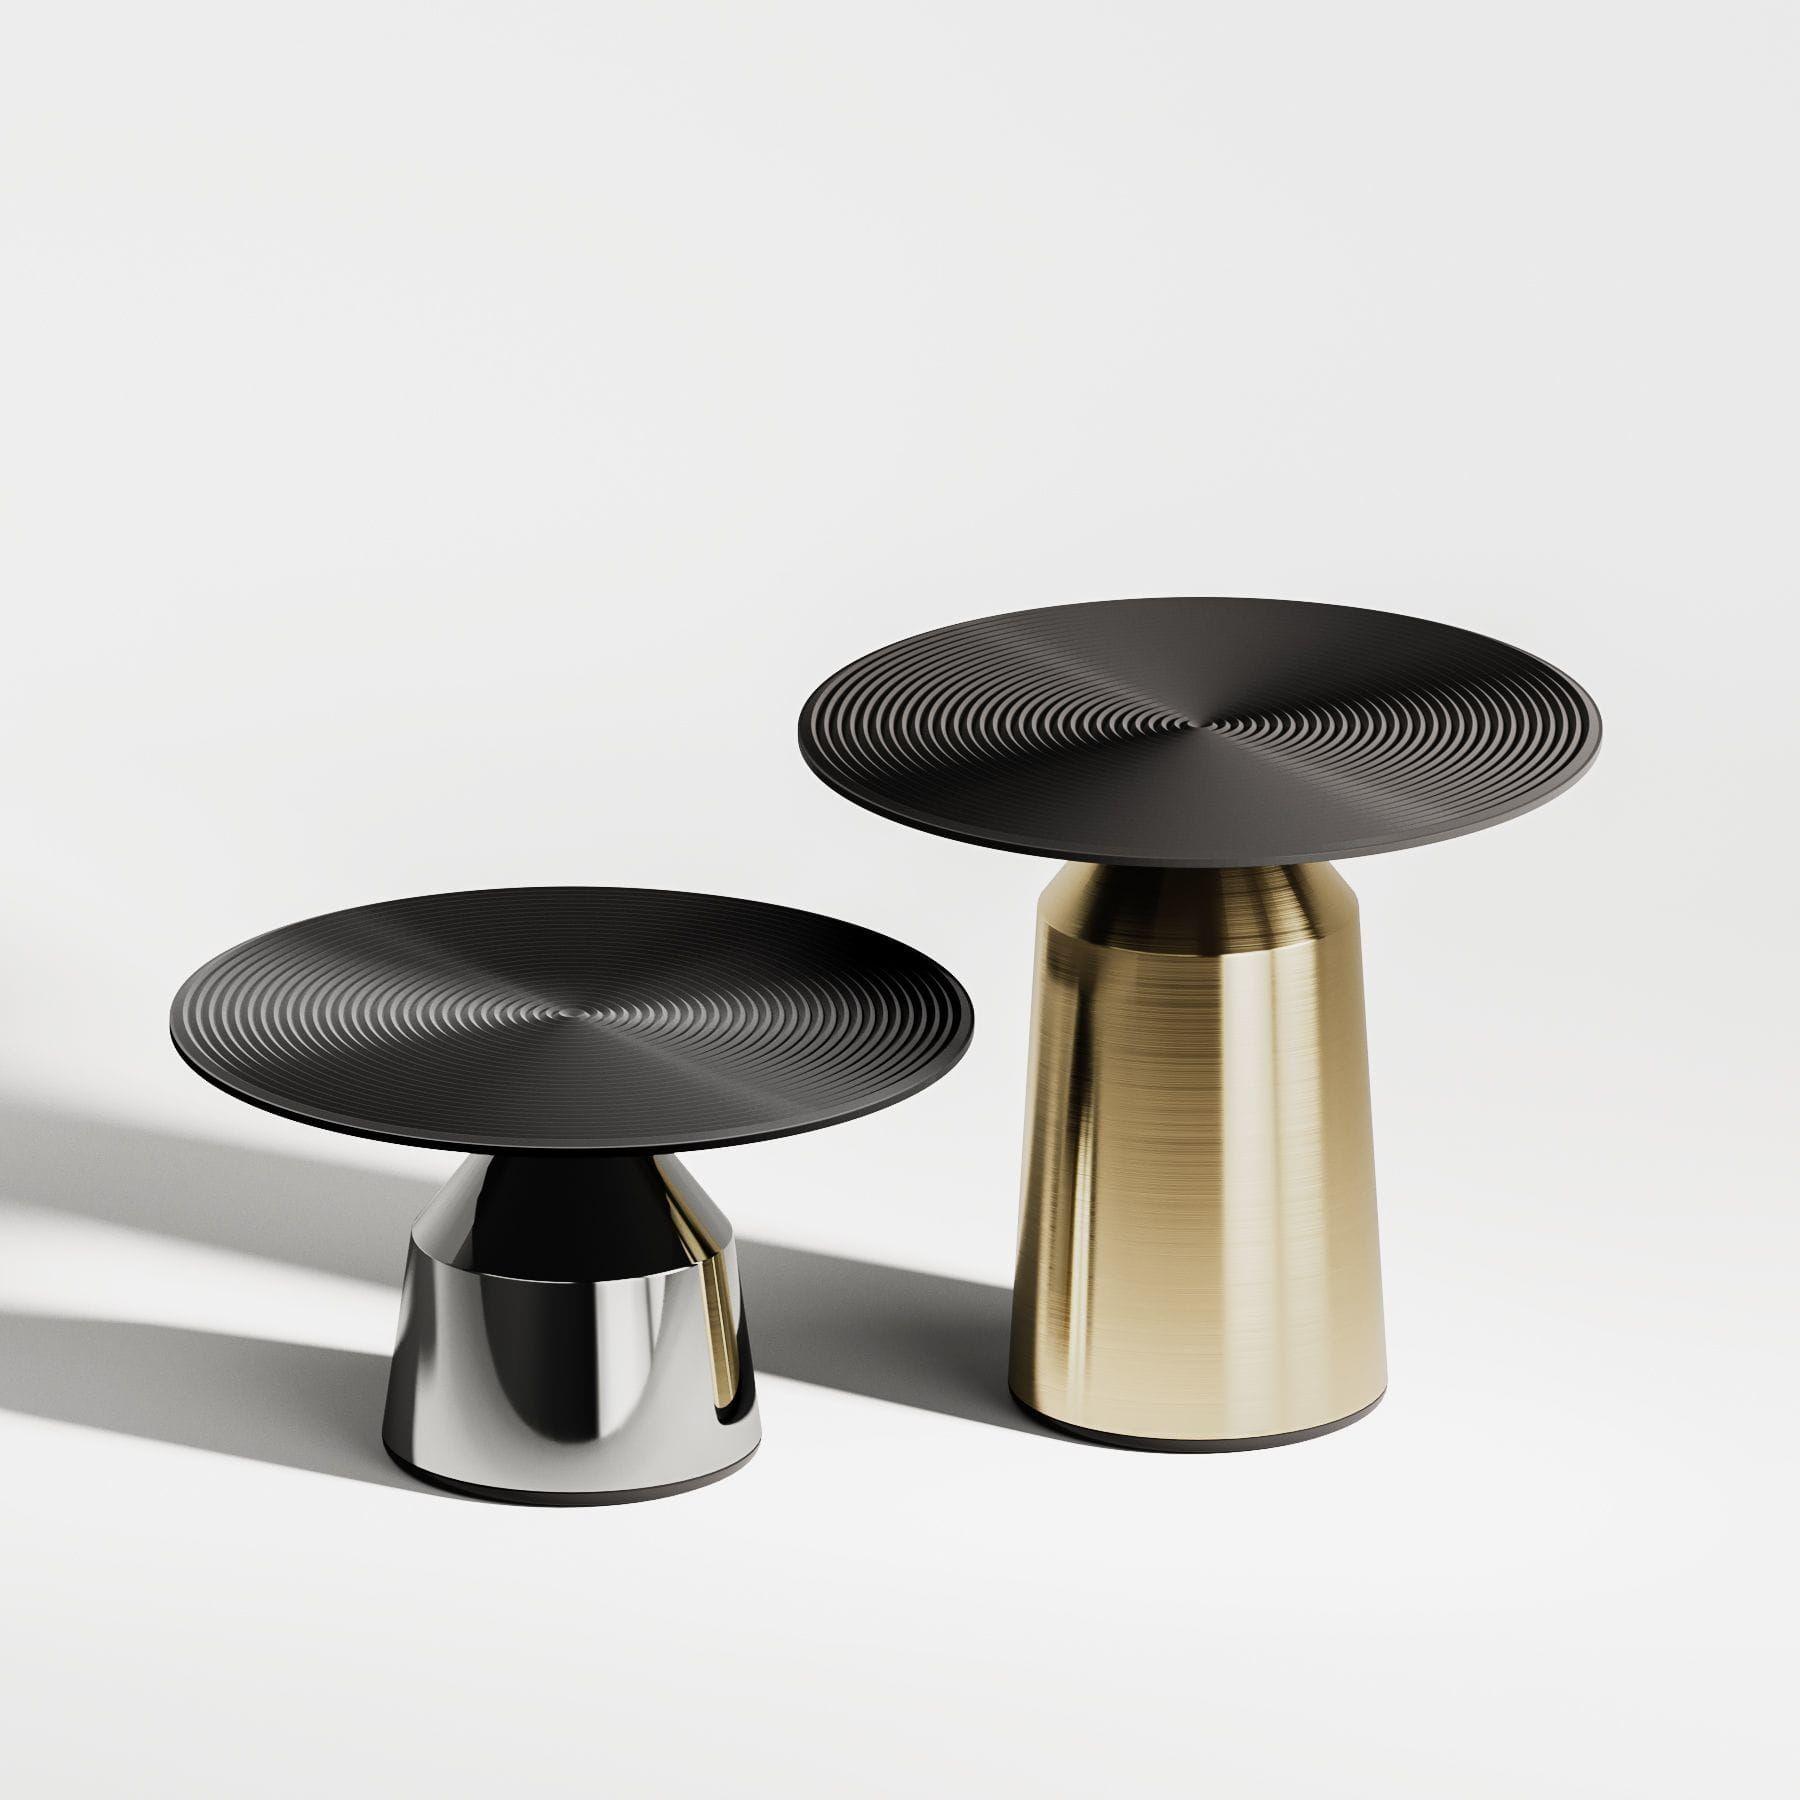 Tables Vertigo Coffee Table Marble Round Coffee Table Coffee Table Design Live Edge Coffee Table [ 1800 x 1800 Pixel ]